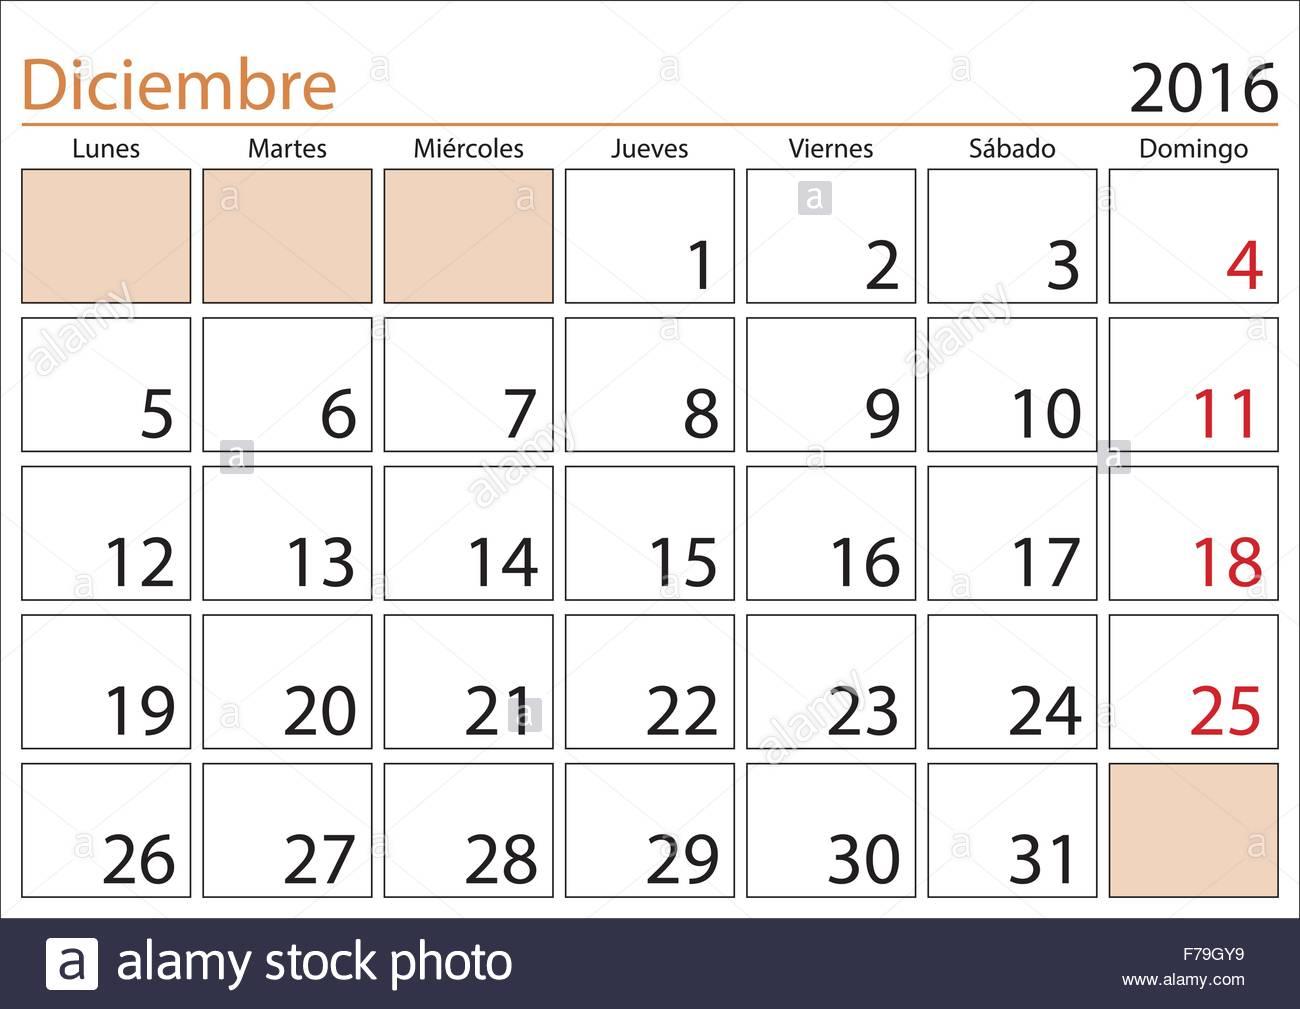 Calendario 1978 Mexico.Mexican Calendar Deciembre